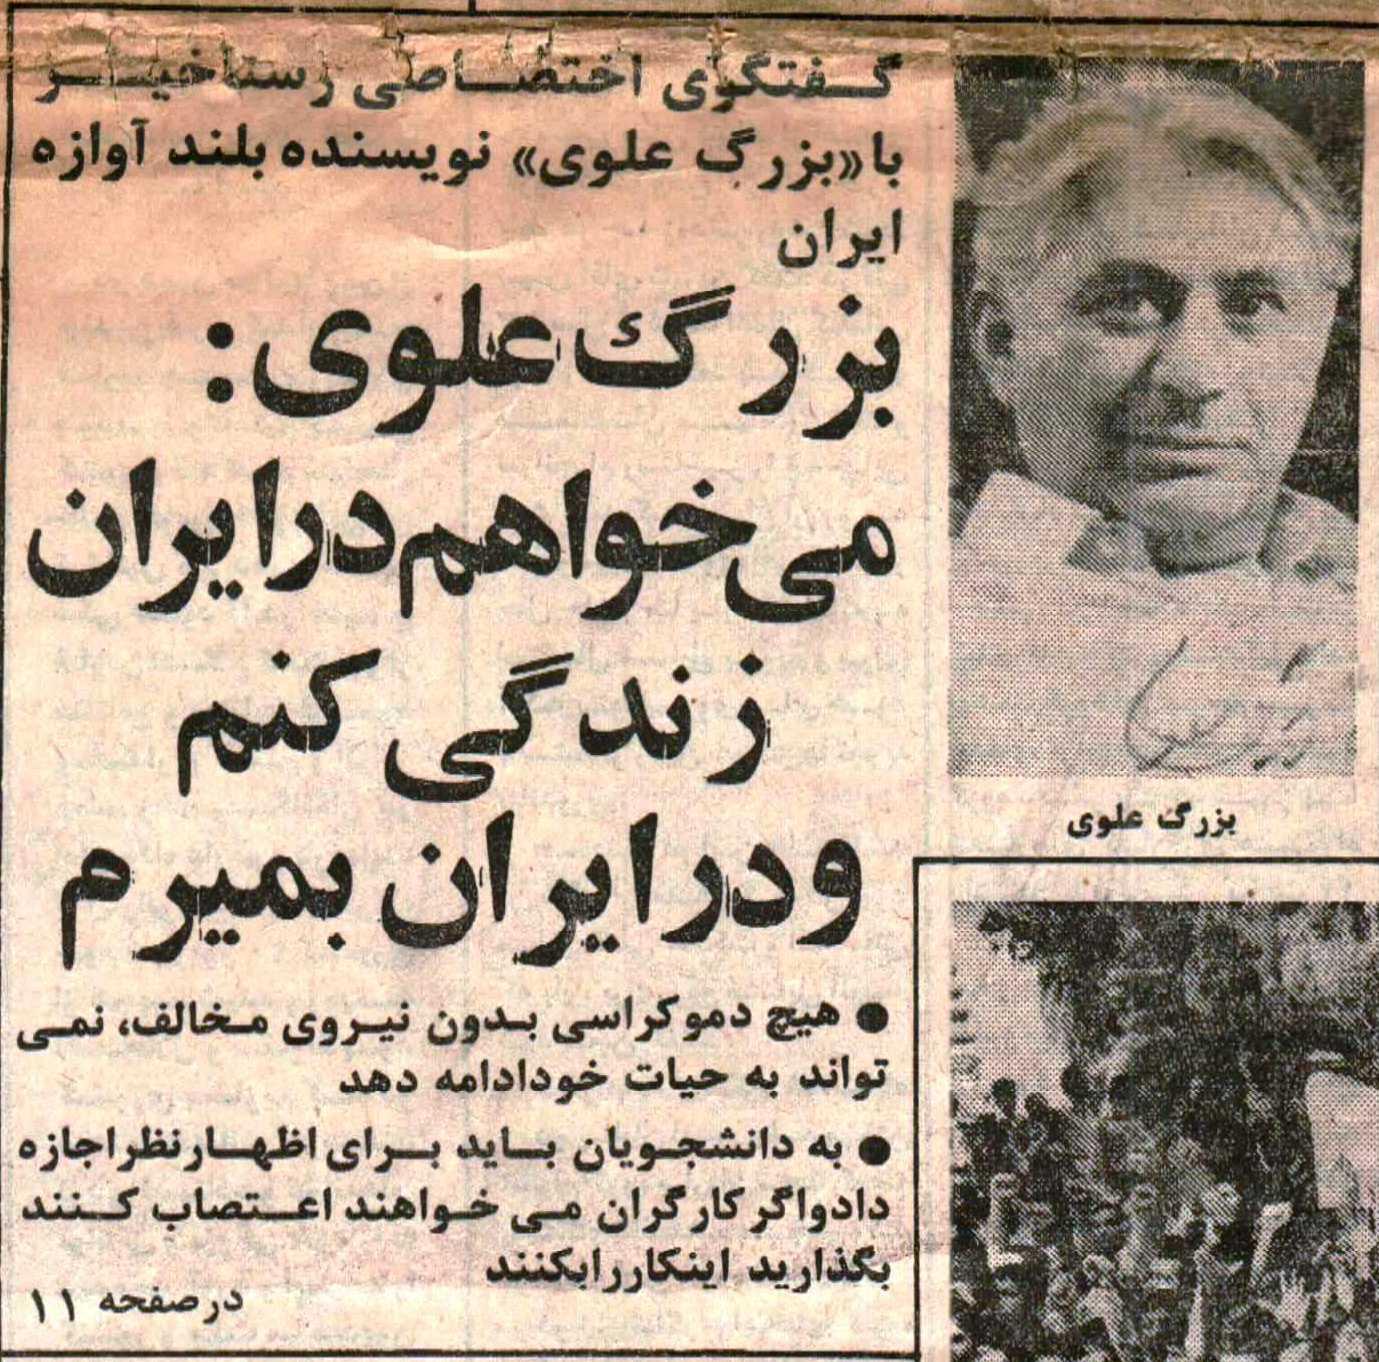 Bozorg Alavi, einer der ersten iranischen Exilanten im Gespräch mit einer iranischen Zeitung: Ich möchte im Iran leben und sterben!